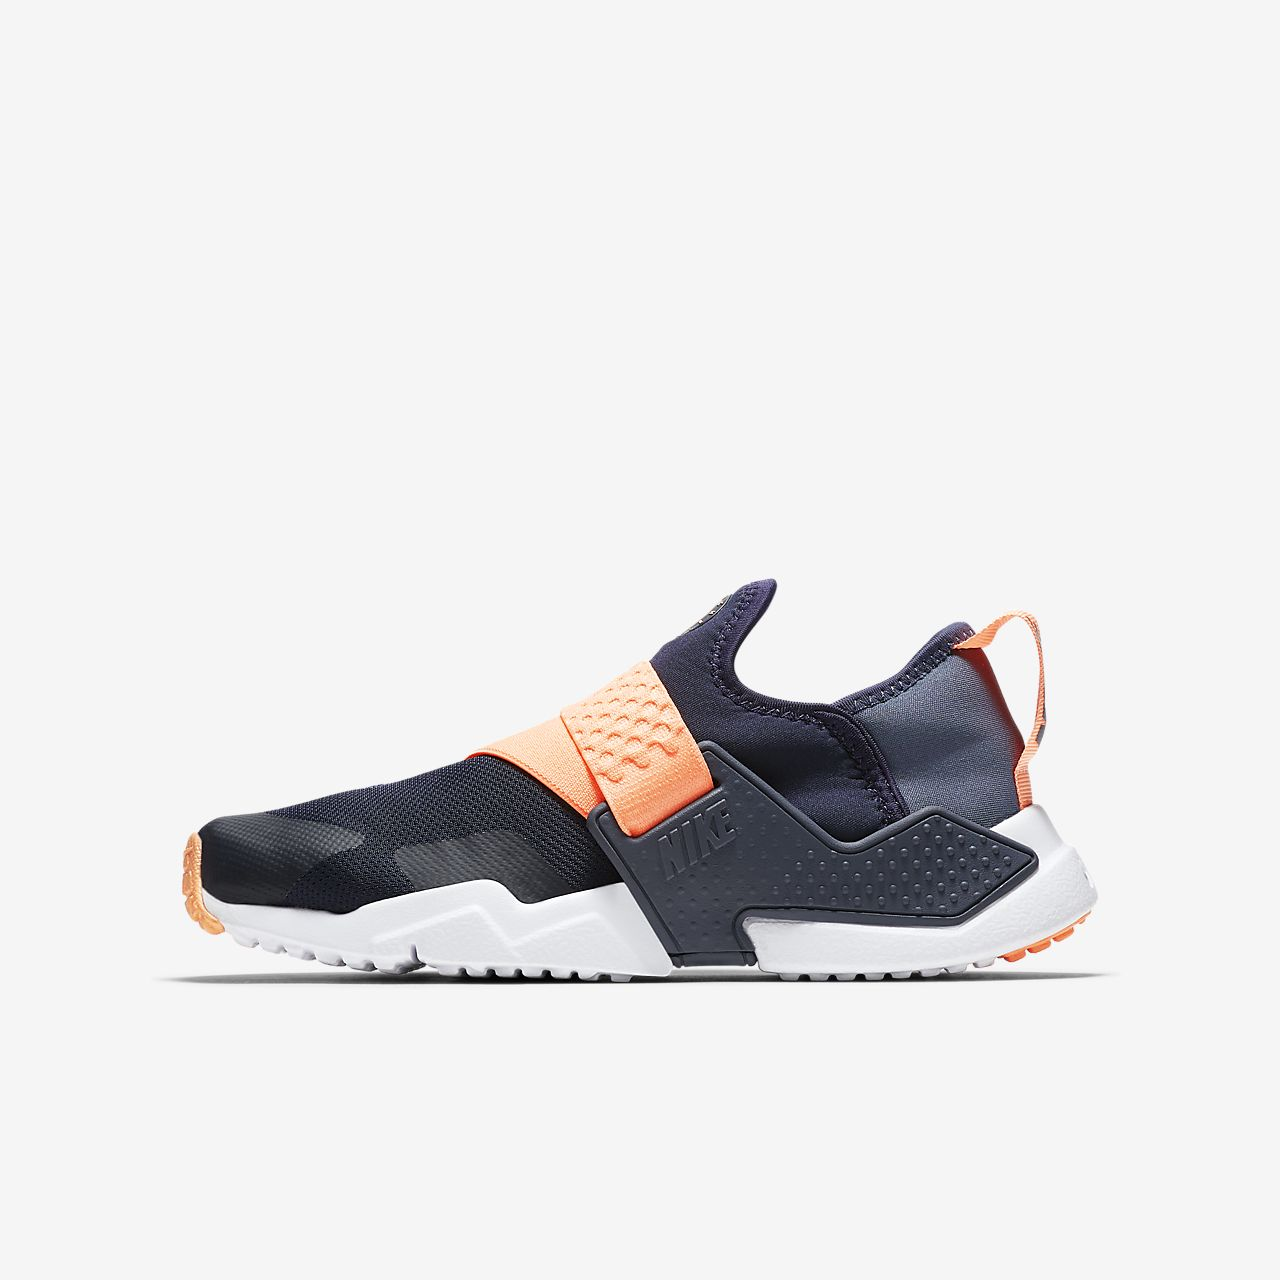 751f290ab4f7 Nike Huarache Extreme Older Kids  Shoe. Nike.com IN